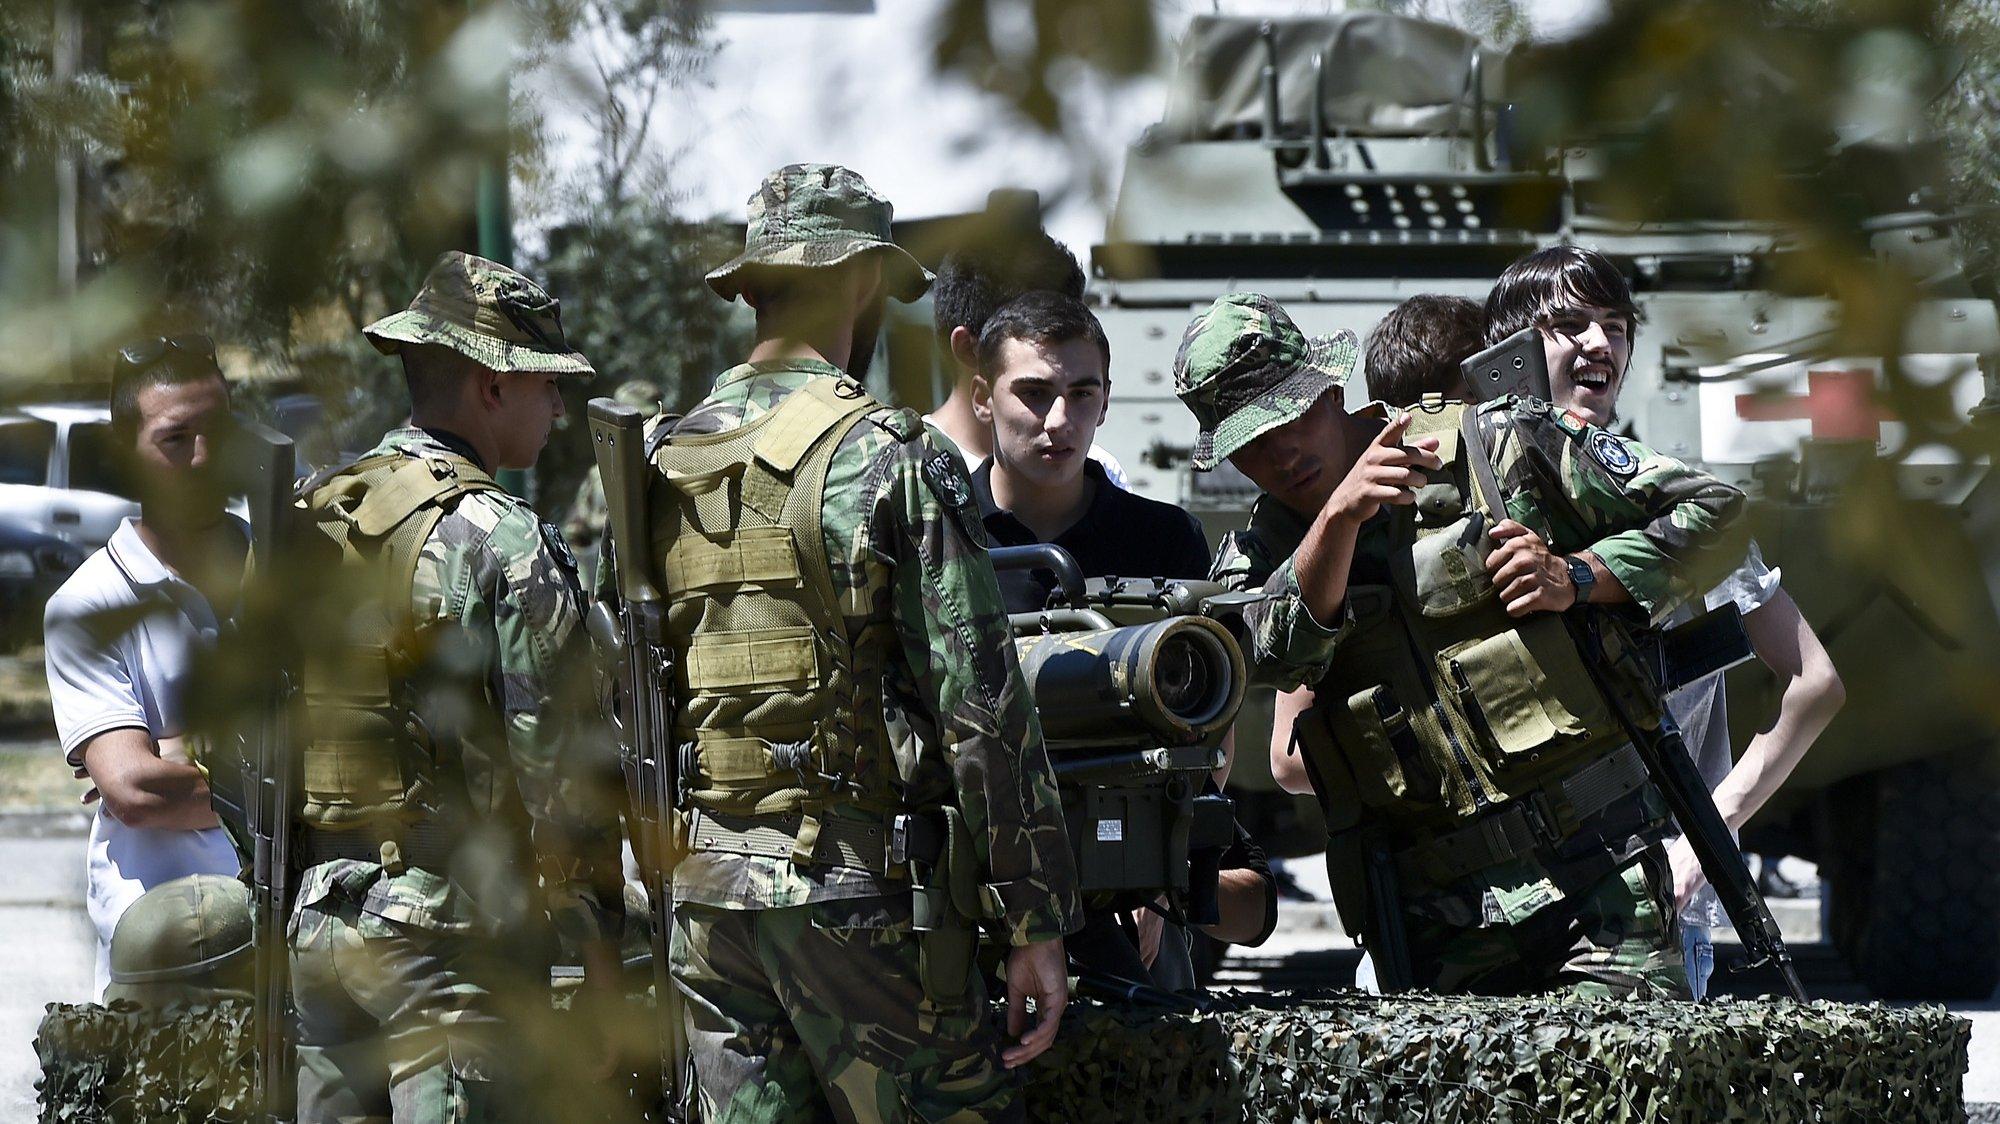 Um grupo de jovens observa alguma artilharia militar durante as atividades do Dia da Defesa Nacional no Regimento de Infantaria 14, em Viseu, 25 de Junho de 2016. NUNO ANDRÉ FERREIRA/LUSA.